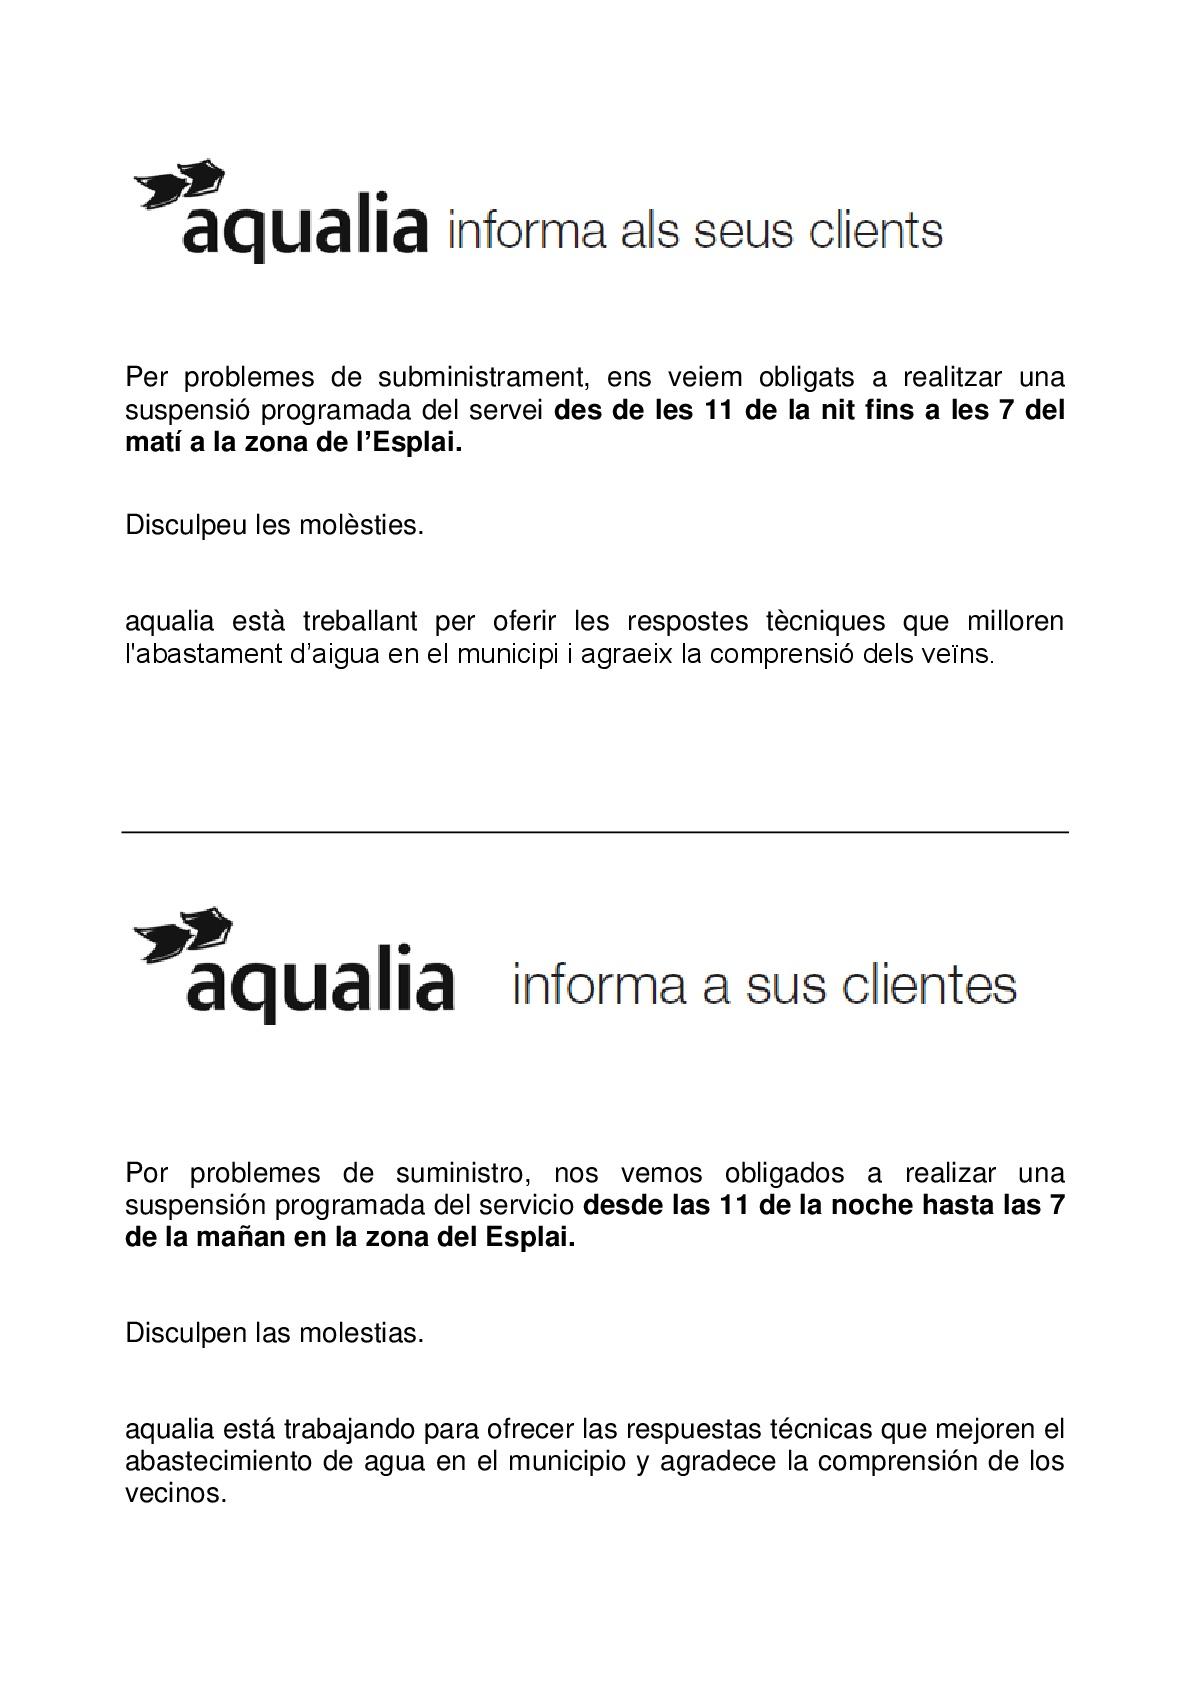 Comunicat de l'Ajuntament de la Bisbal del Penedès sobre els talls d'aigua nocturns a l'Esplai